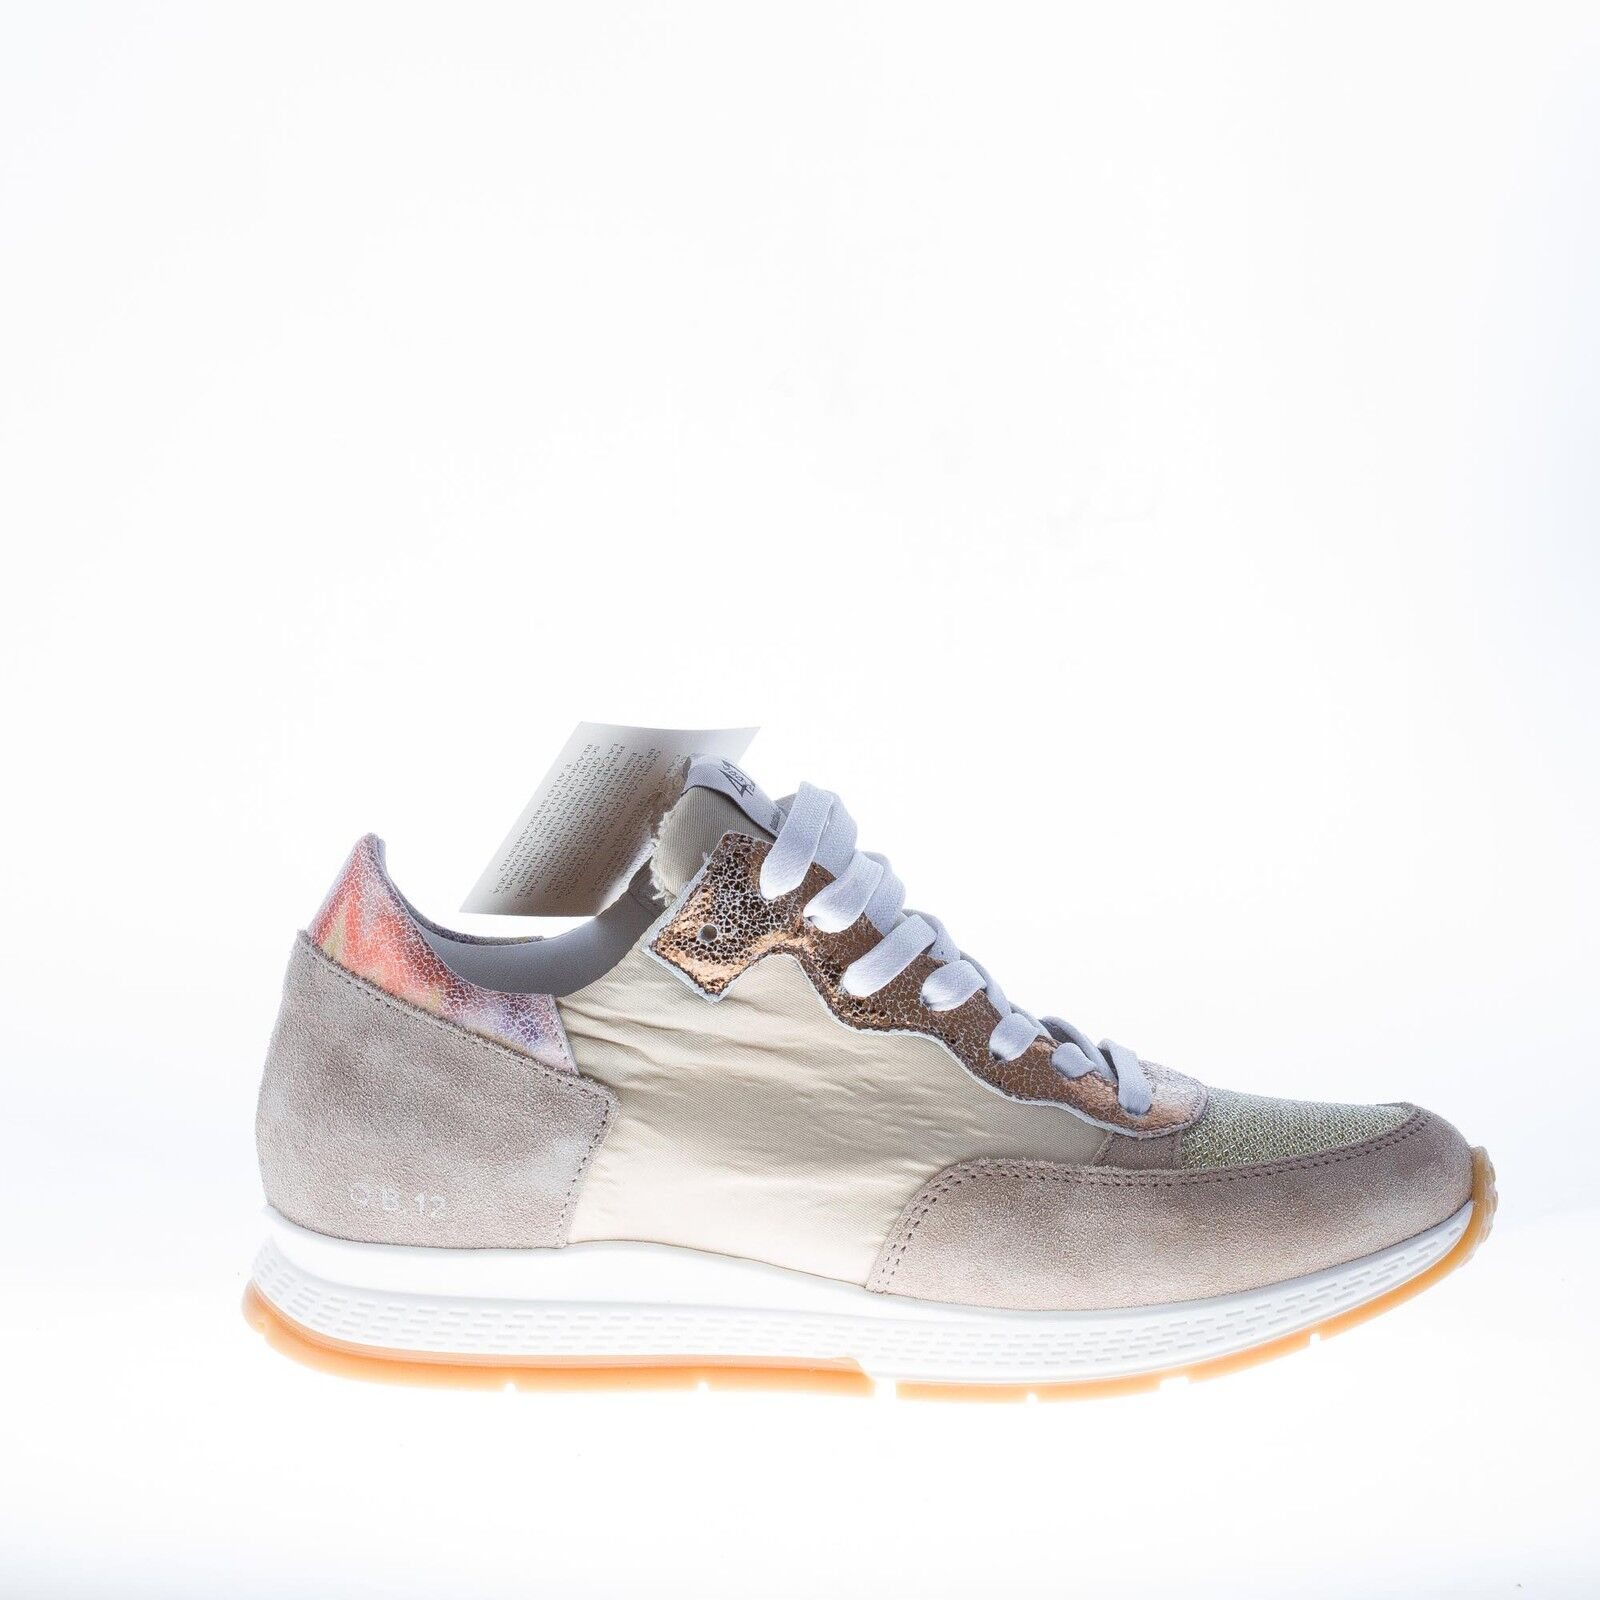 Quattrobarradodici kvinnor skor kvinnor grå mocka and Natural Fabric Trainers